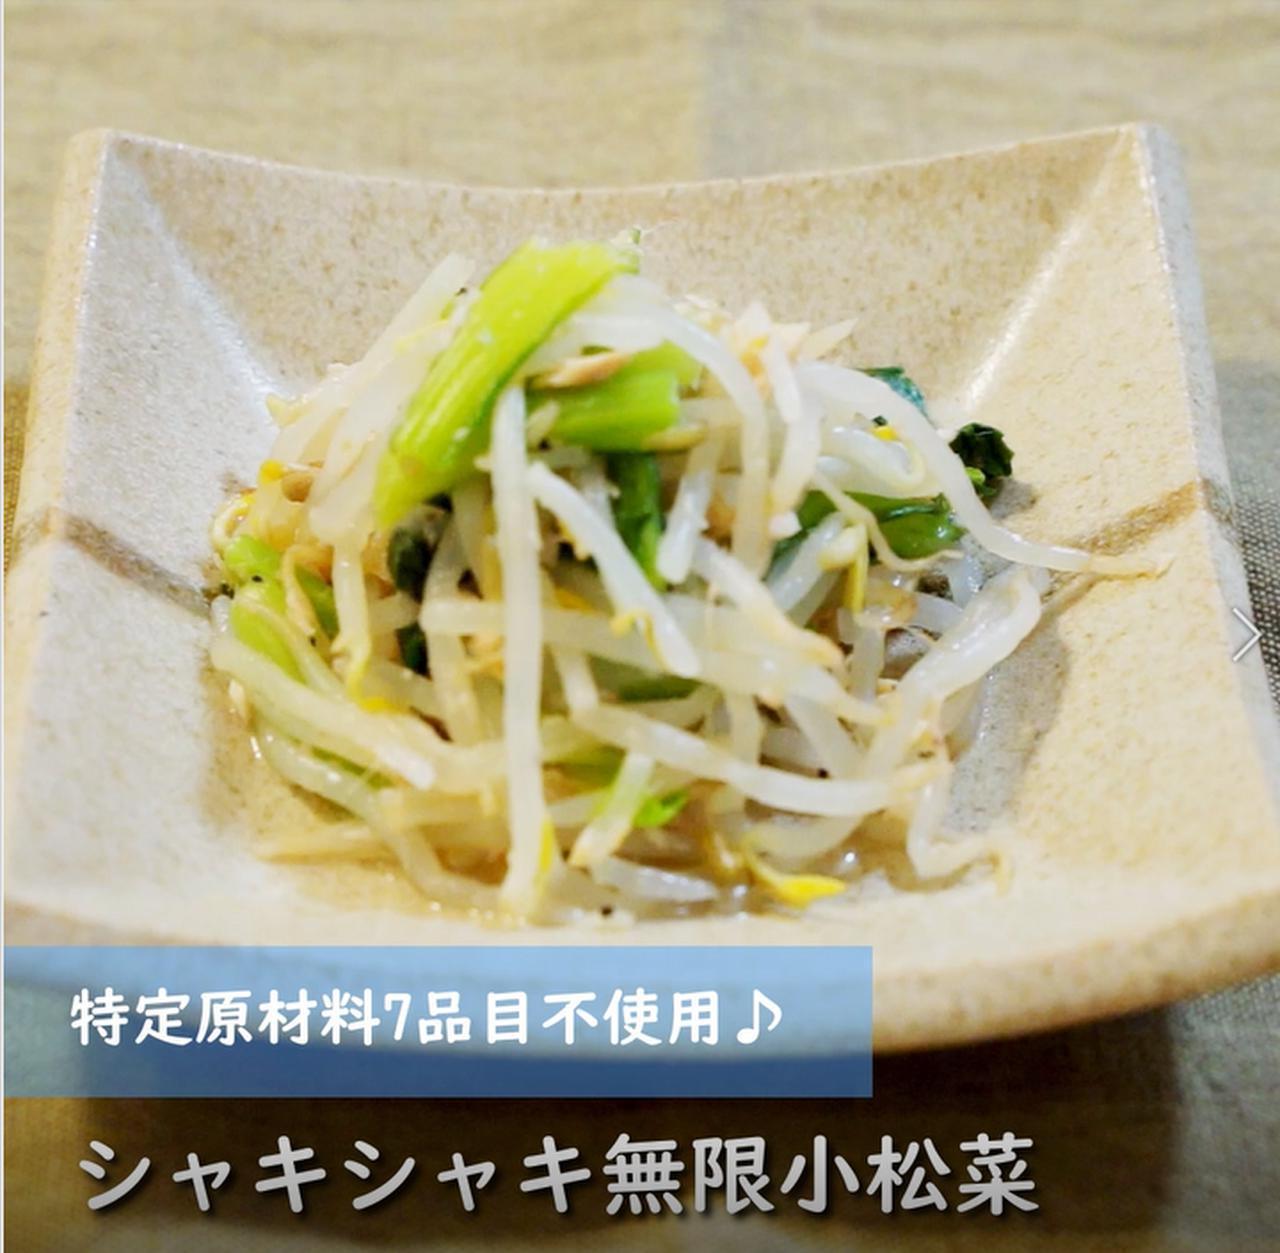 画像: シャキシャキ食感がたまらない無限小松菜 - 君とごはん